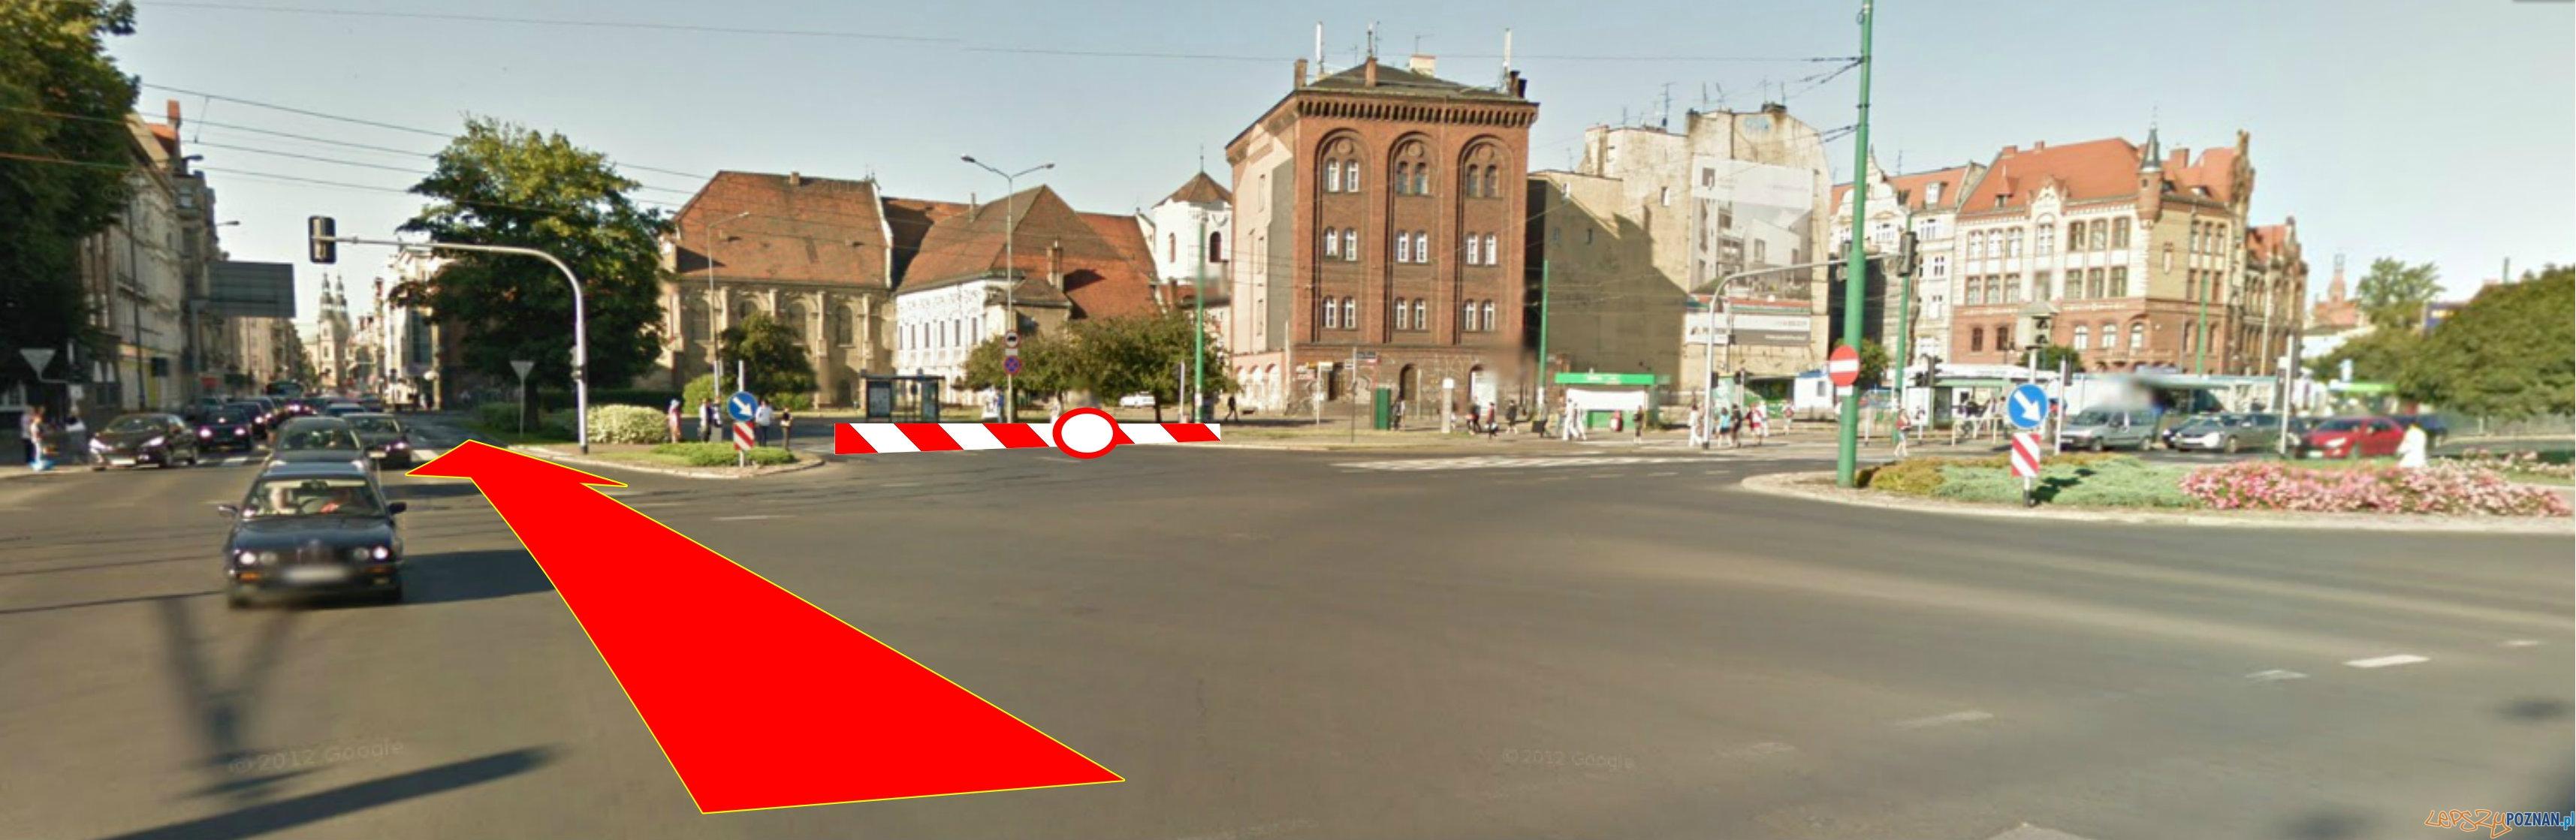 Zmiany na Garbarach  Foto: Google maps / lepszyPOZNAN.pl